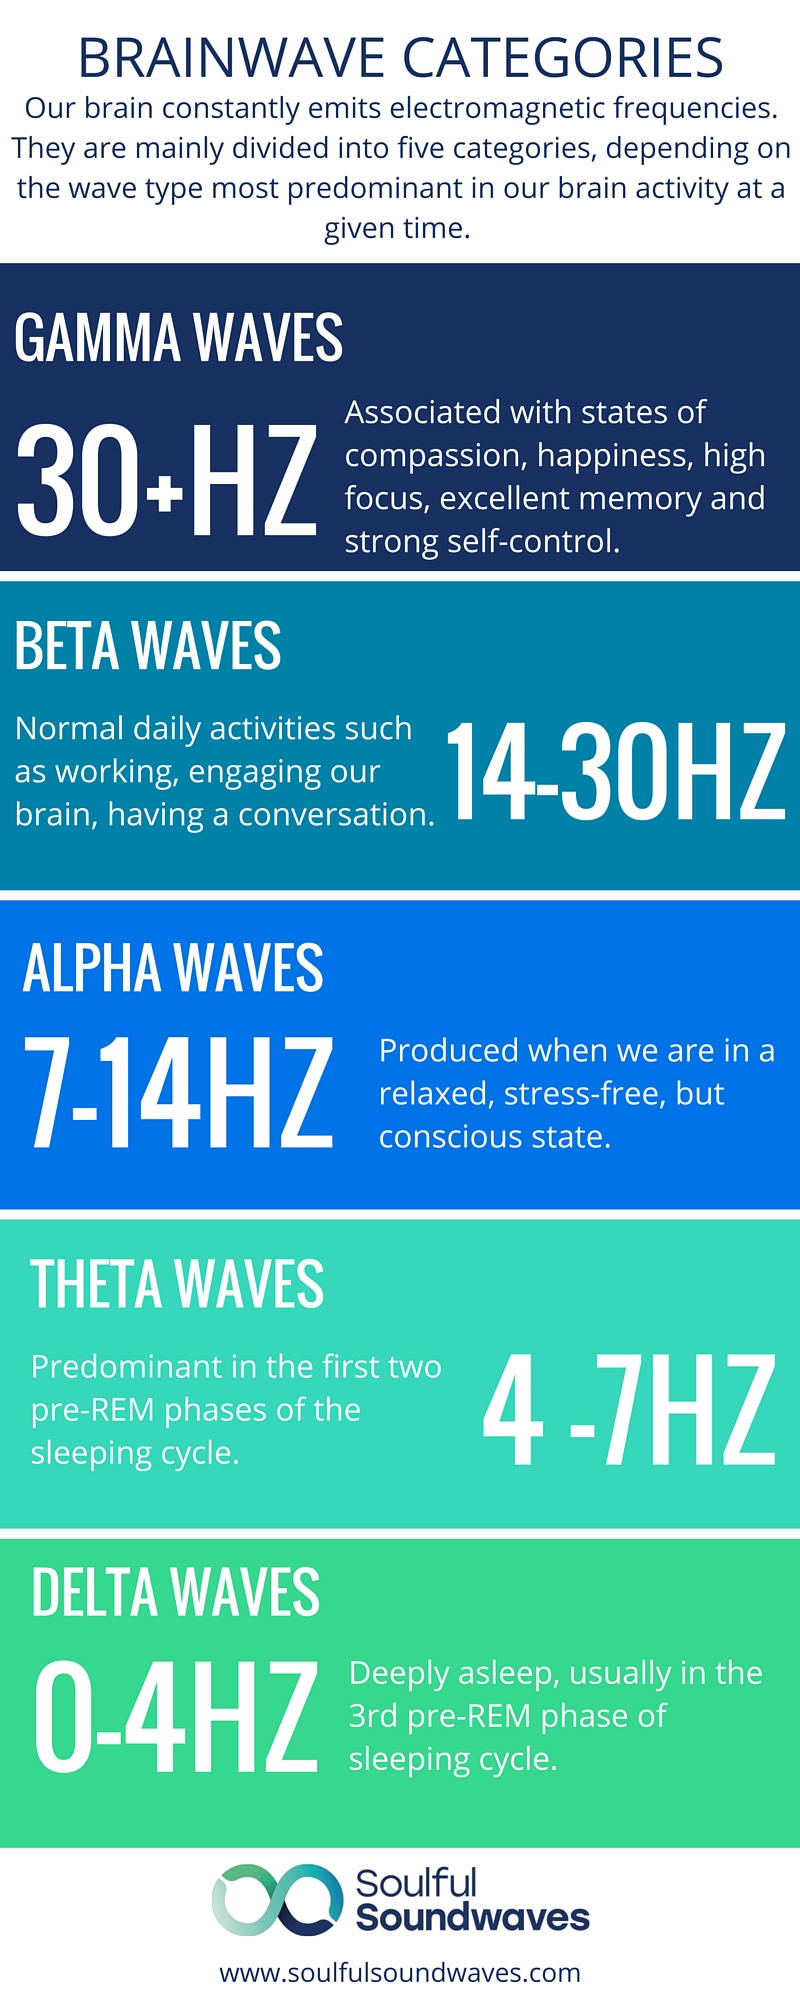 Brainwave categories